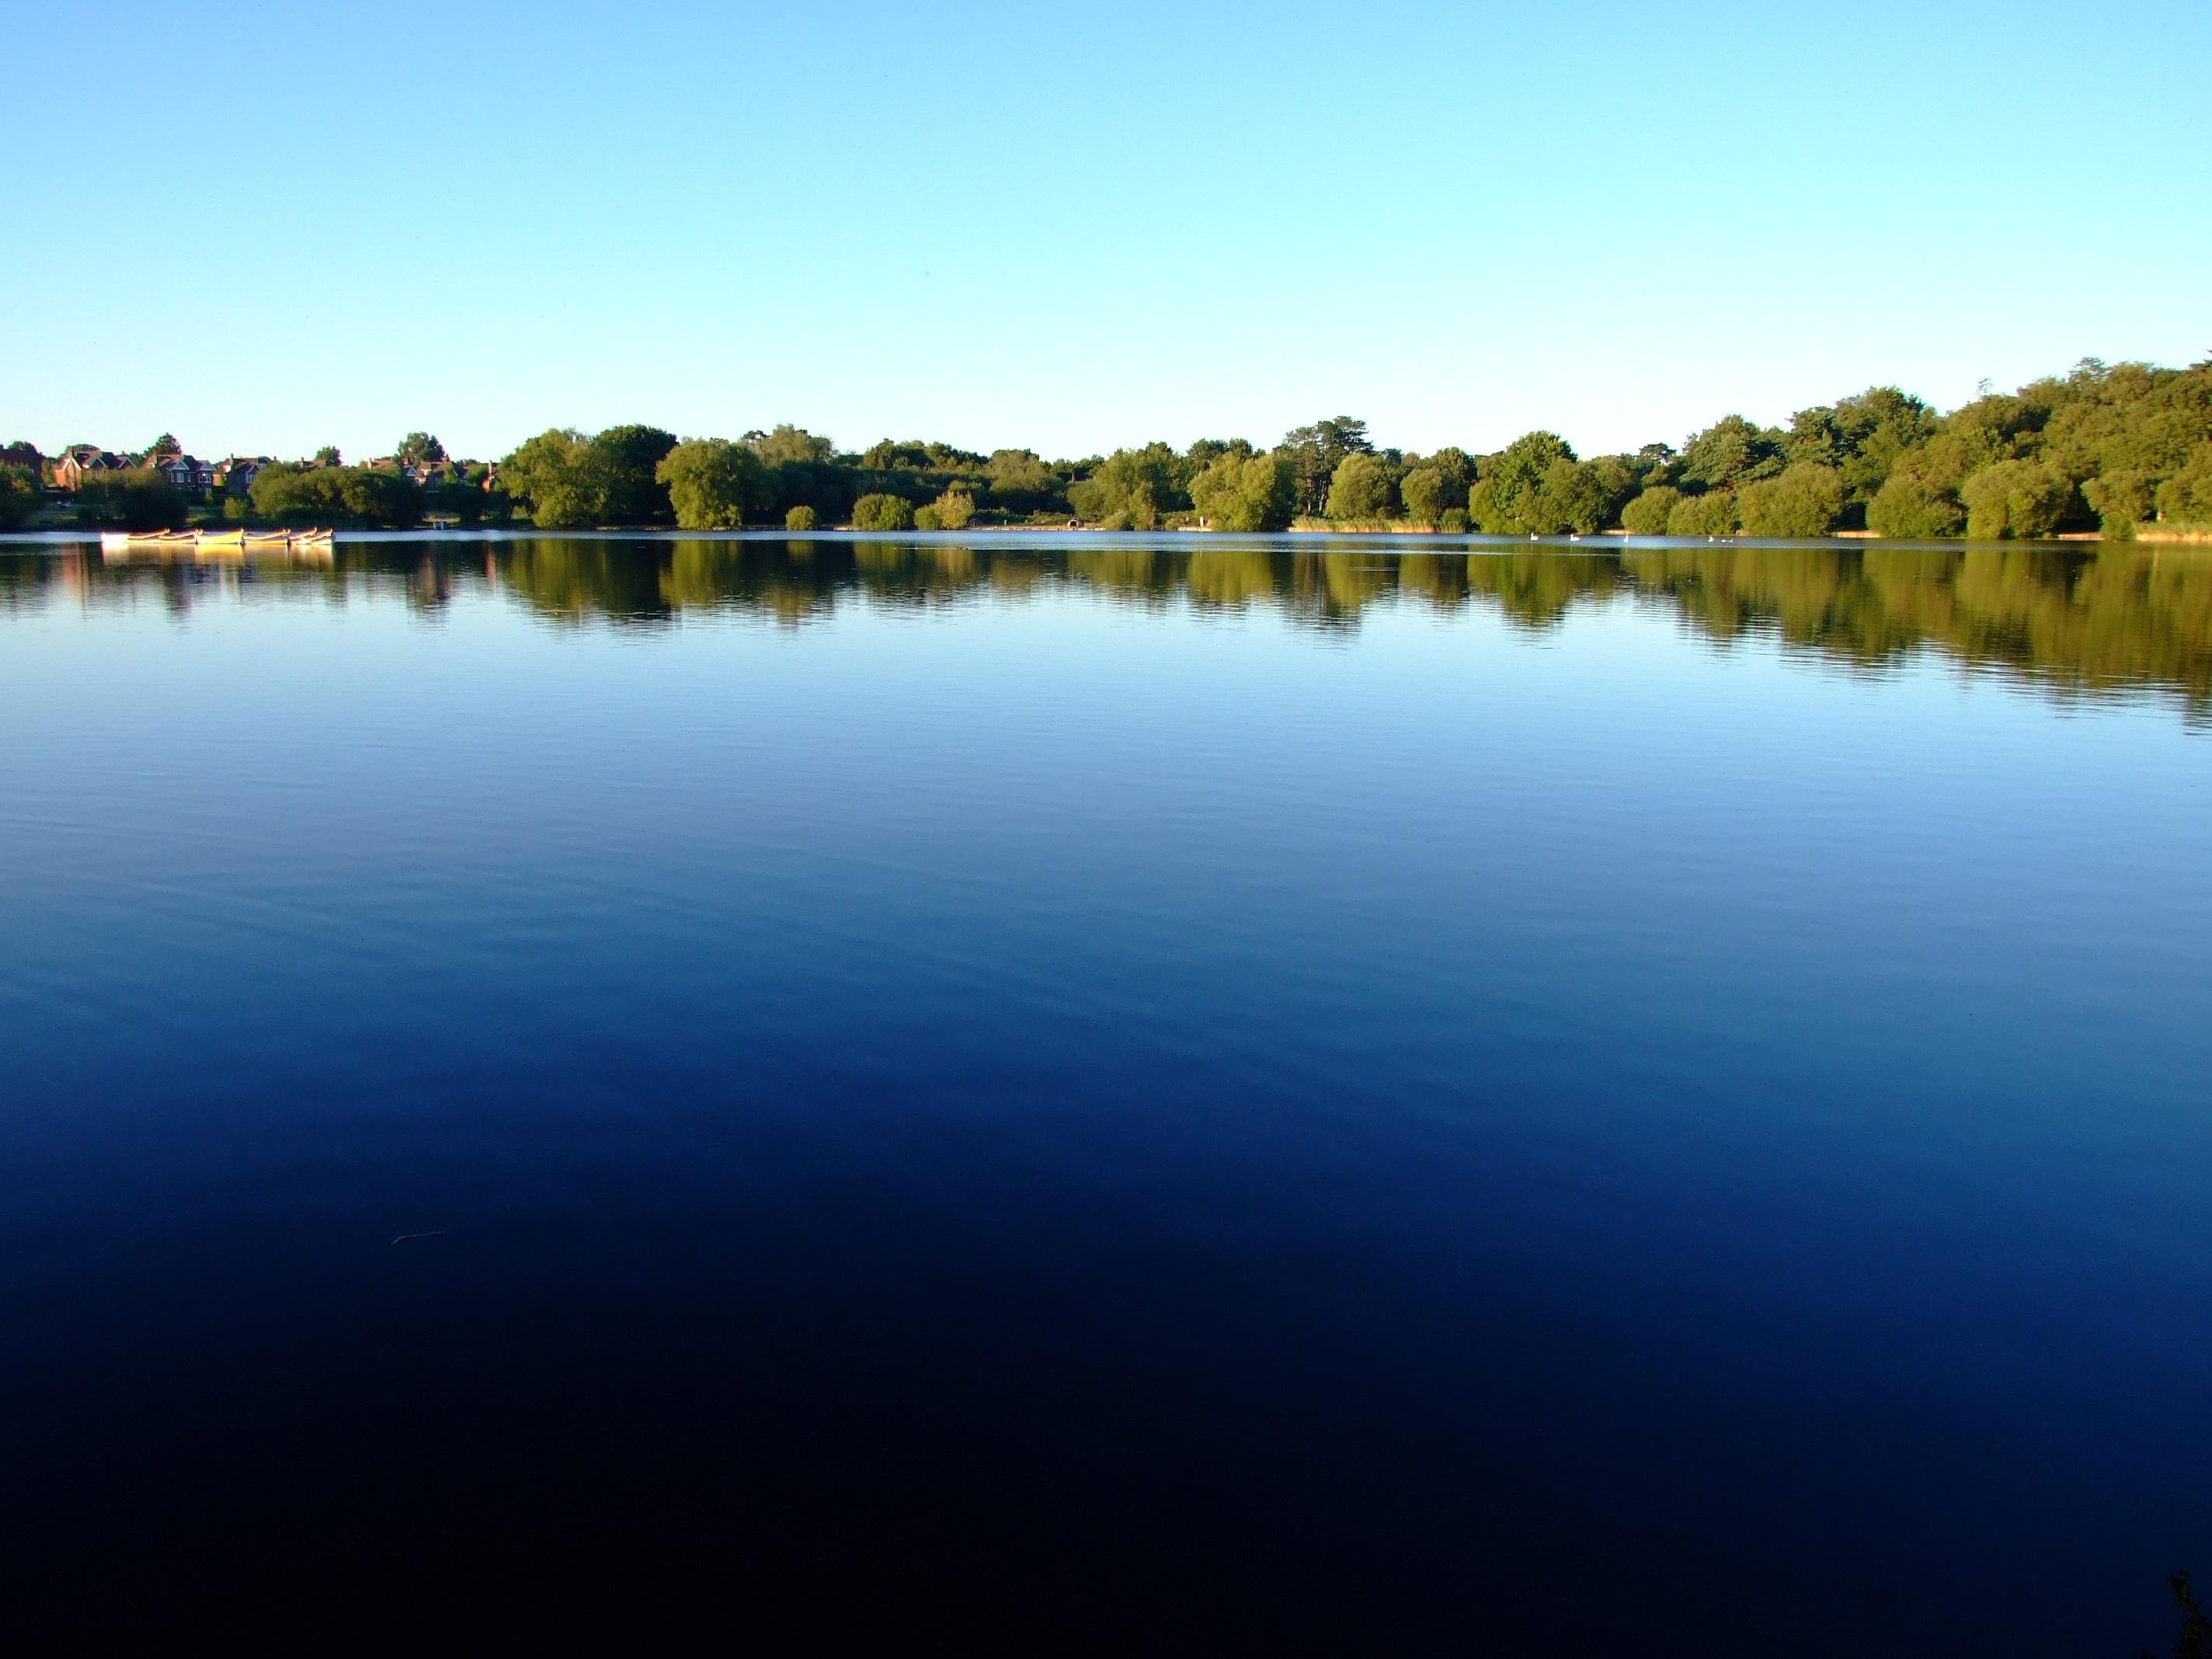 картинки : пейзаж, воды, природа, горизонт, небо, утро